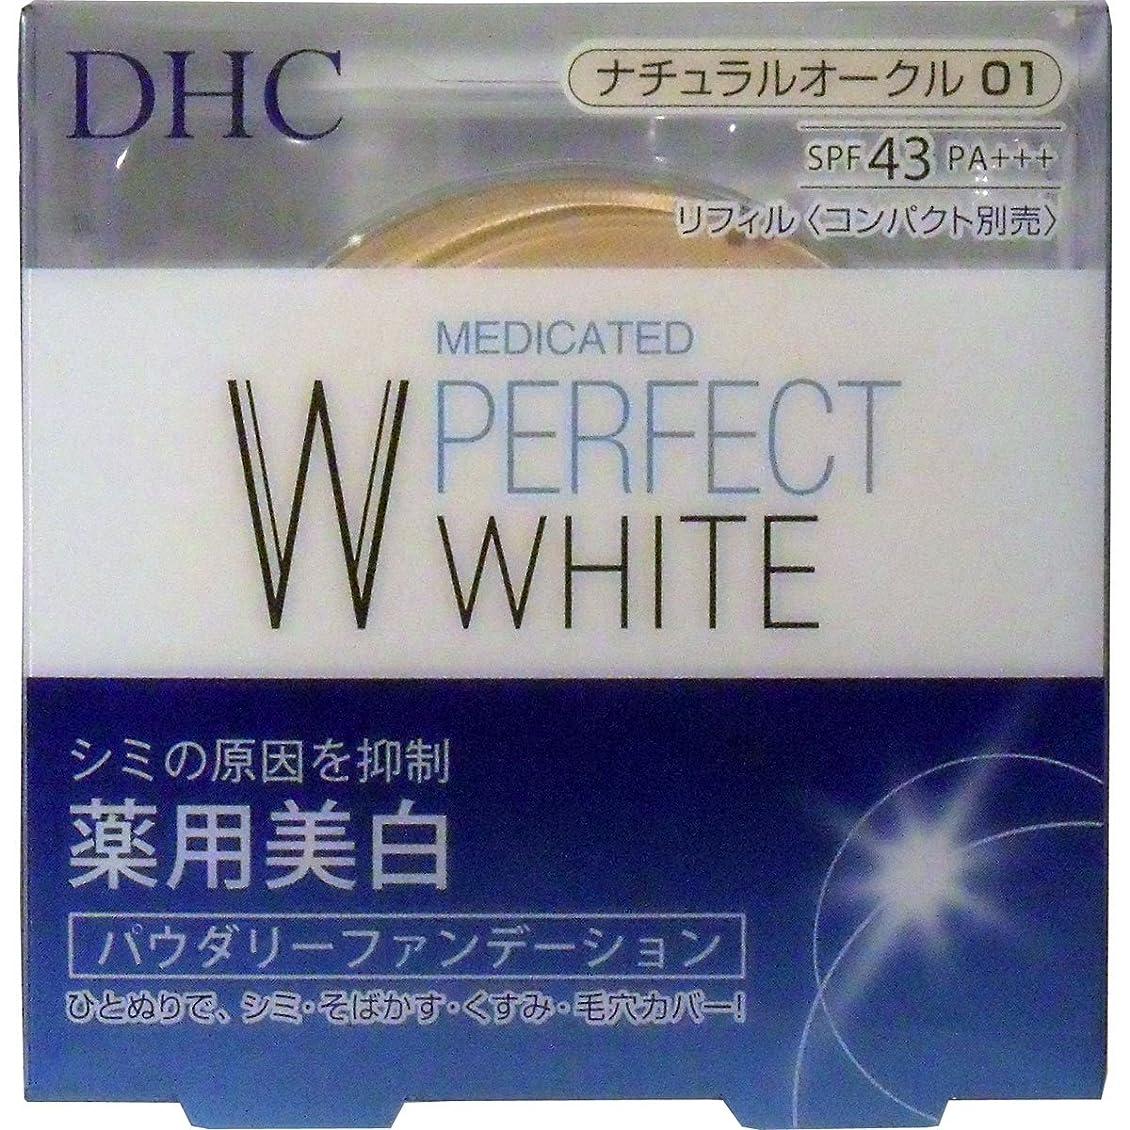 暖炉処理するうめき声DHC 薬用美白パーフェクトホワイト パウダリーファンデーション ナチュラルオークル01 10g